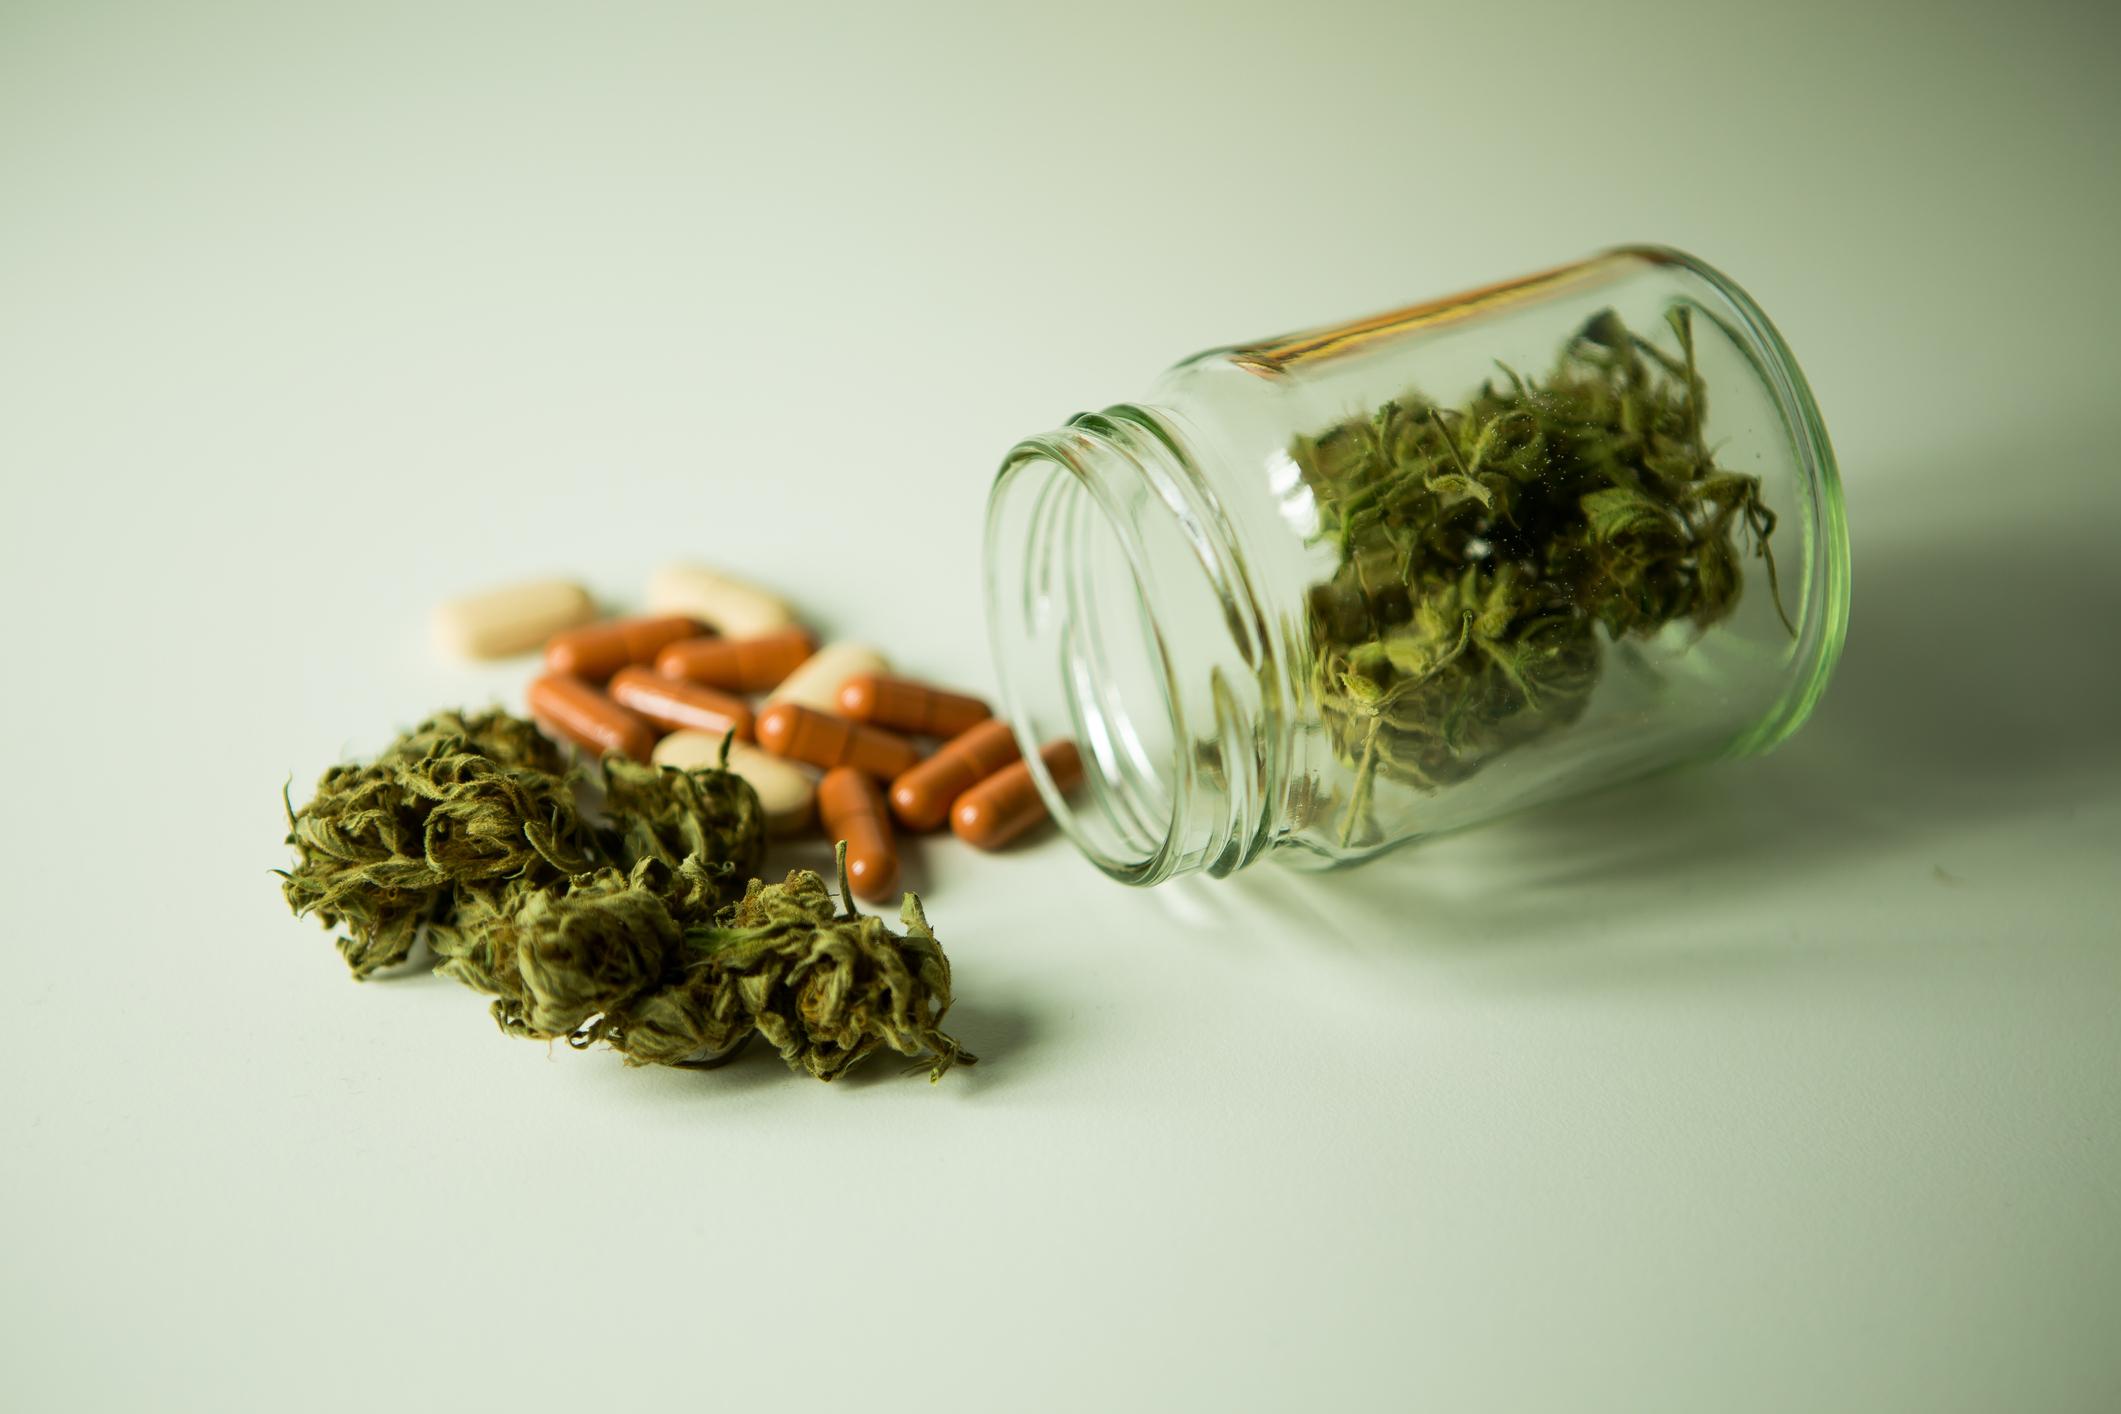 Legalizacija kanabisa u medicinske svrhe nije zeleno svjetlo konzumaciji kanabisa u rekreativne svrhe.